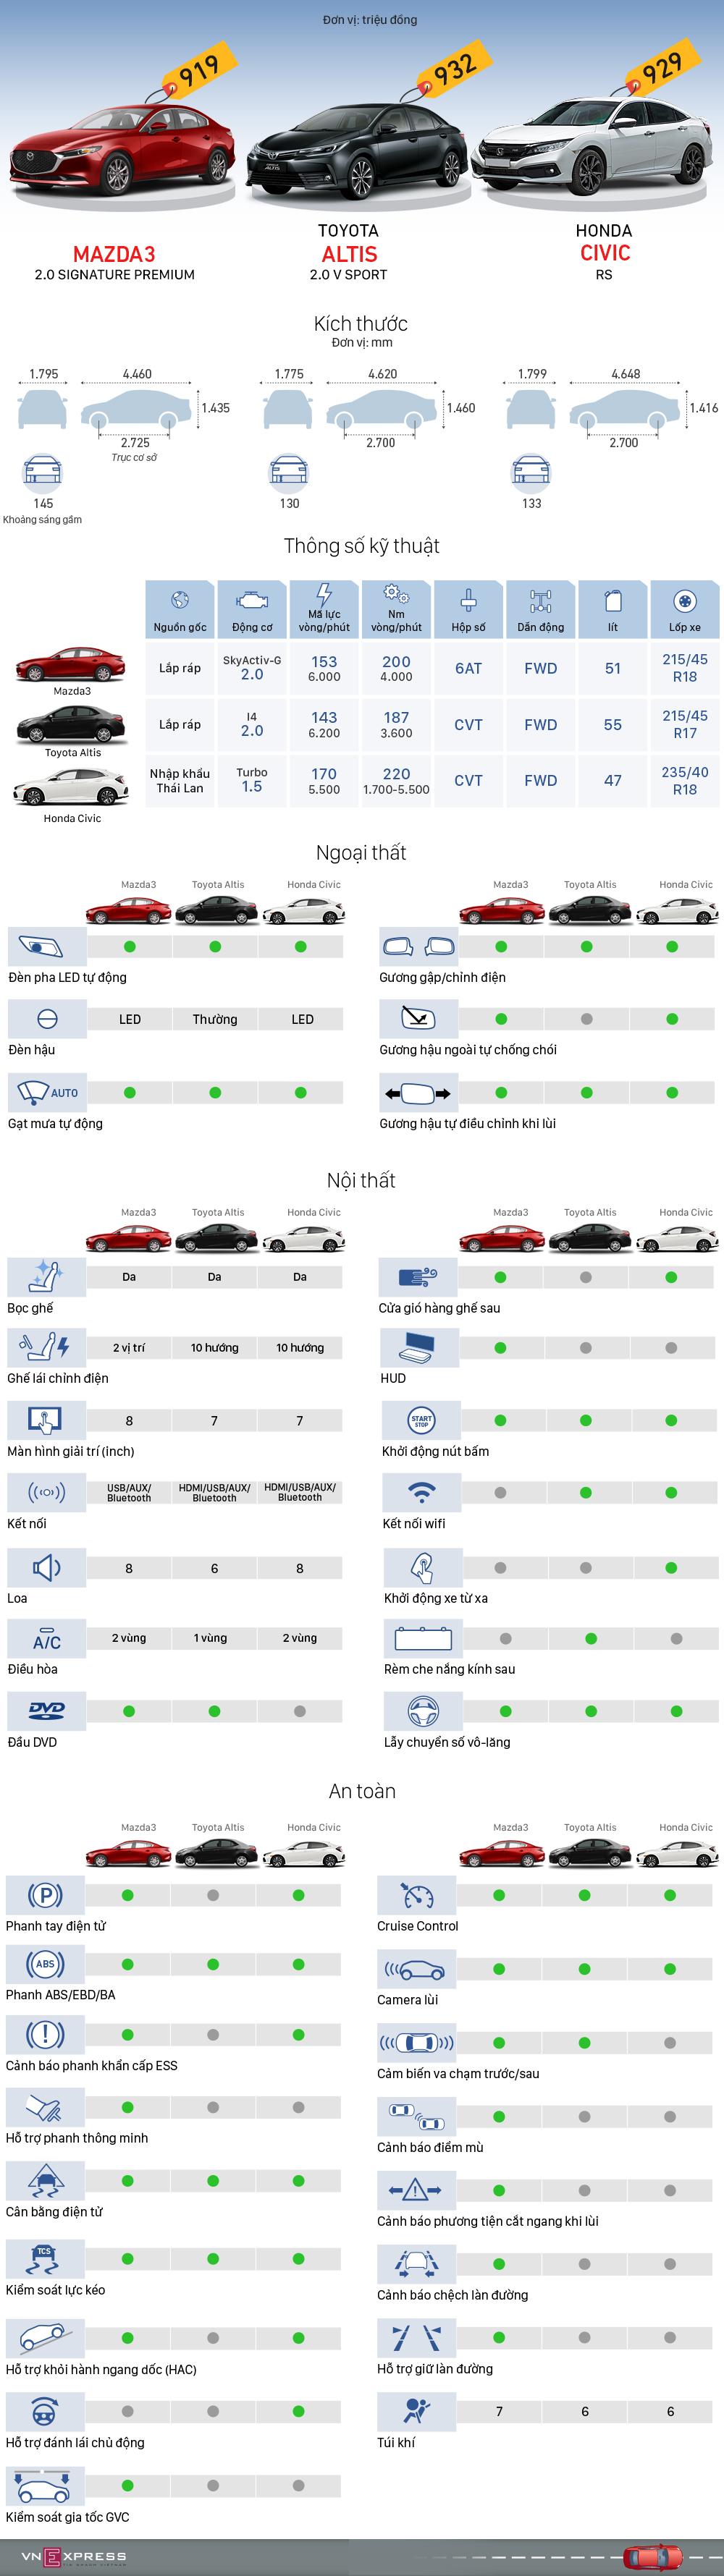 [Infographics] Mazda3, Civic và Altis - cuộc đấu sedan giá hơn 900 triệu  - Ảnh 1